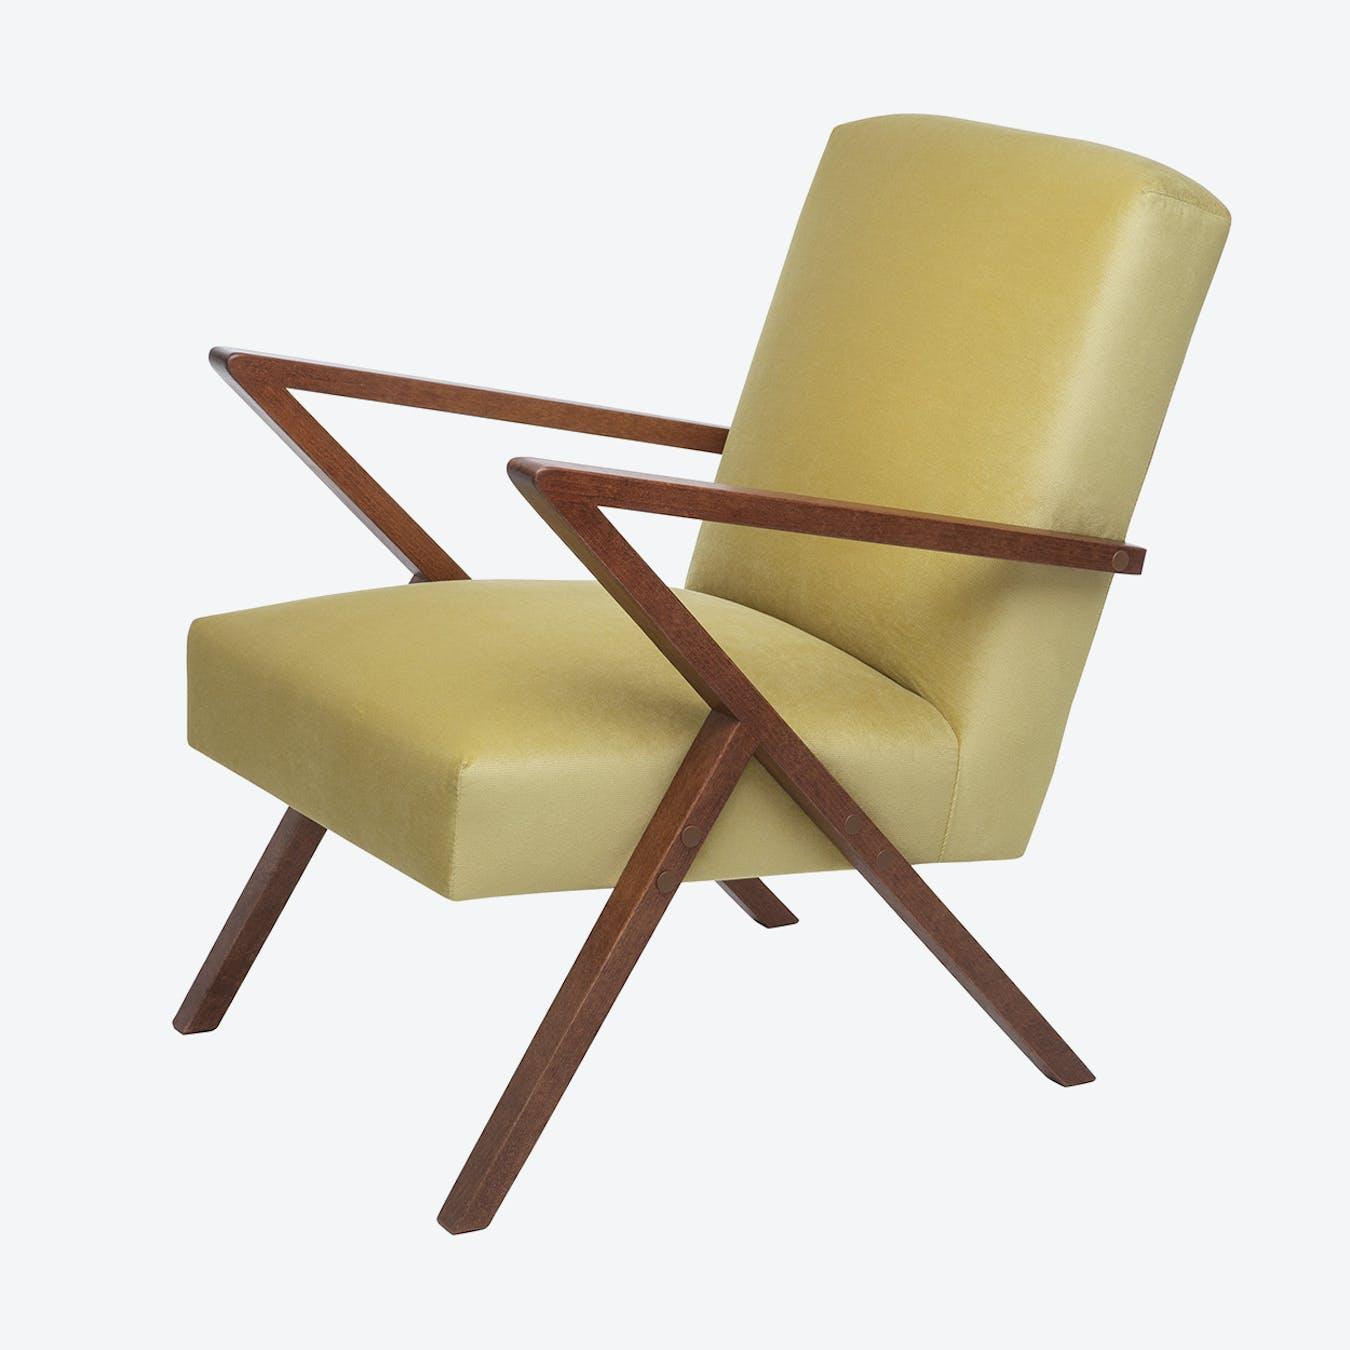 Retrostar Chair - Velvet Line in Lemon Yellow